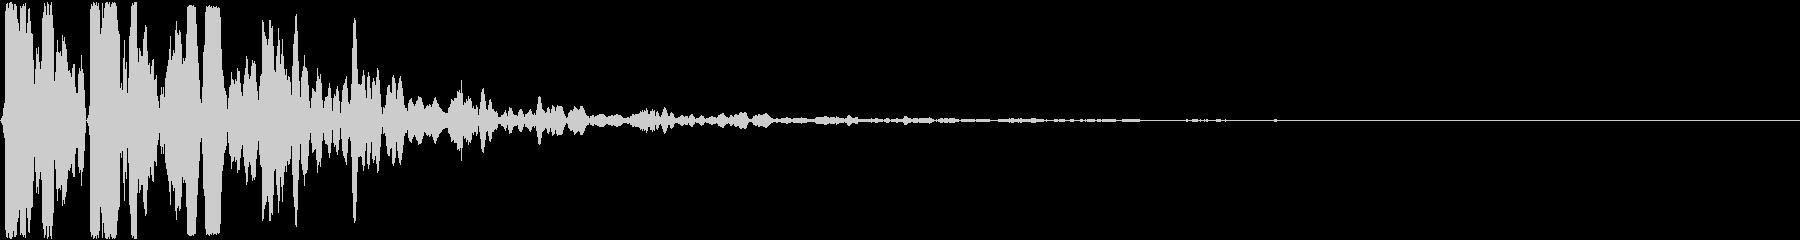 カキーン(氷系サウンド)の未再生の波形